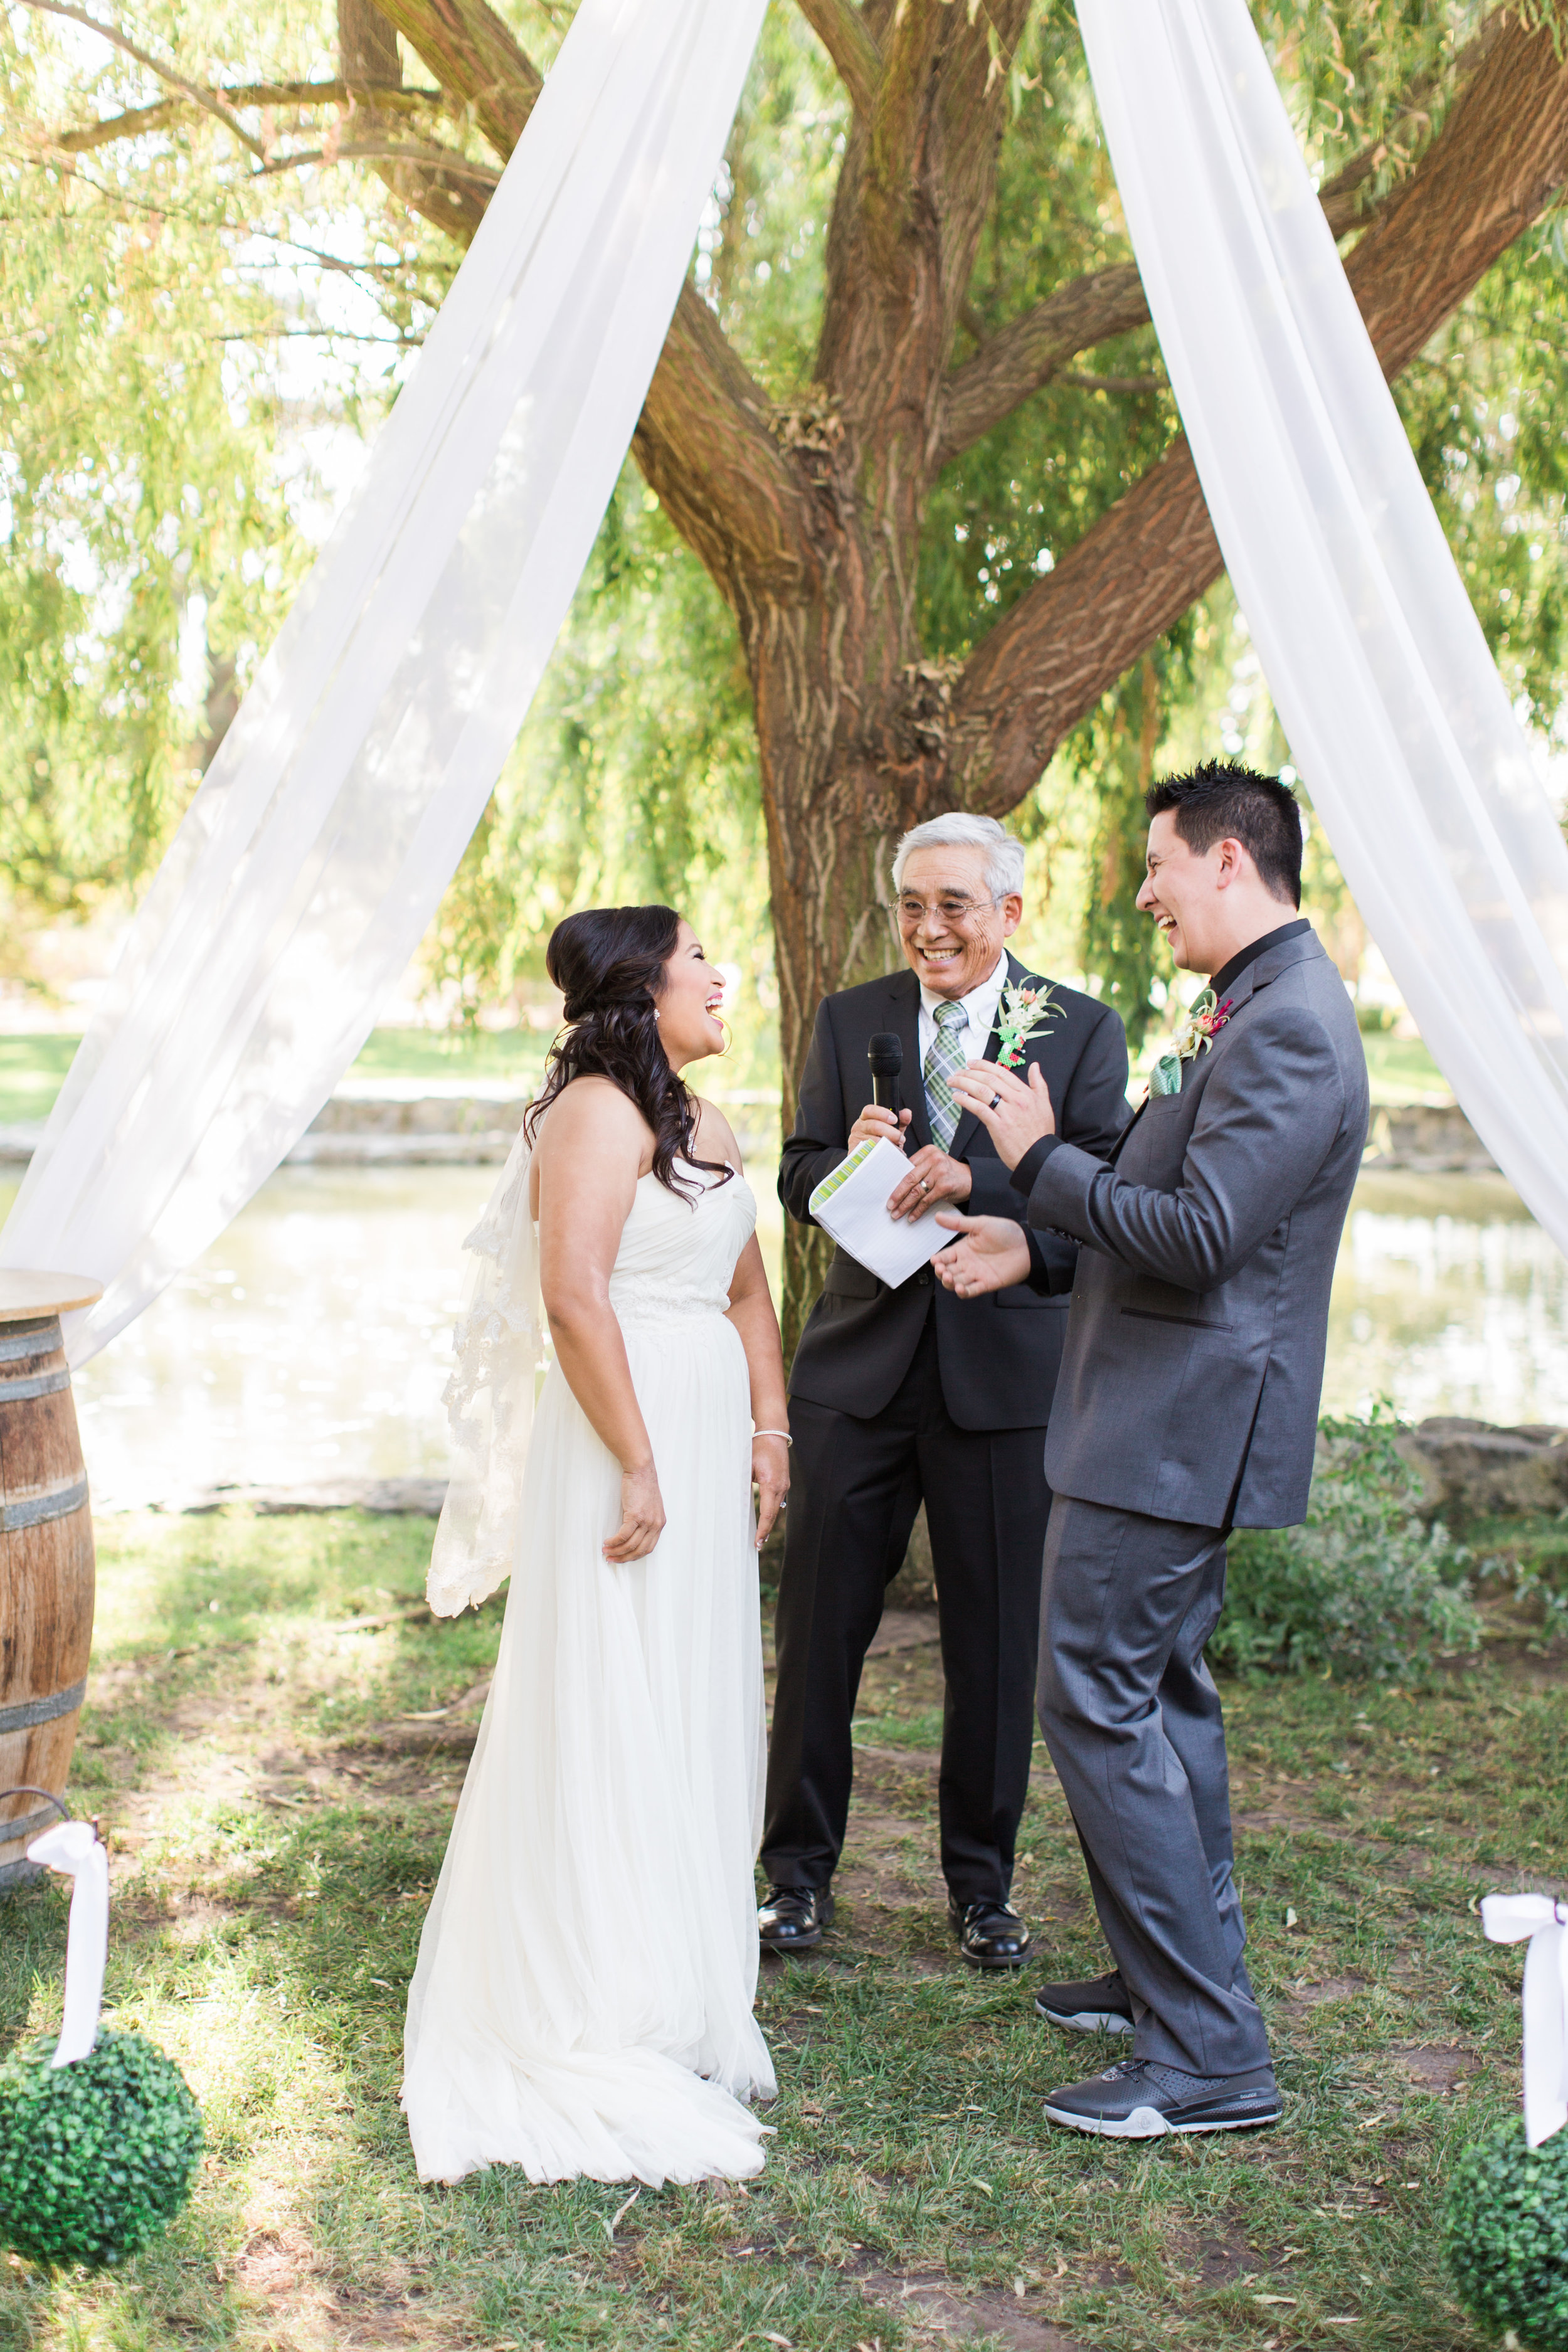 Mettler-family-vineyards-wedding-lodi-california-6910.jpg